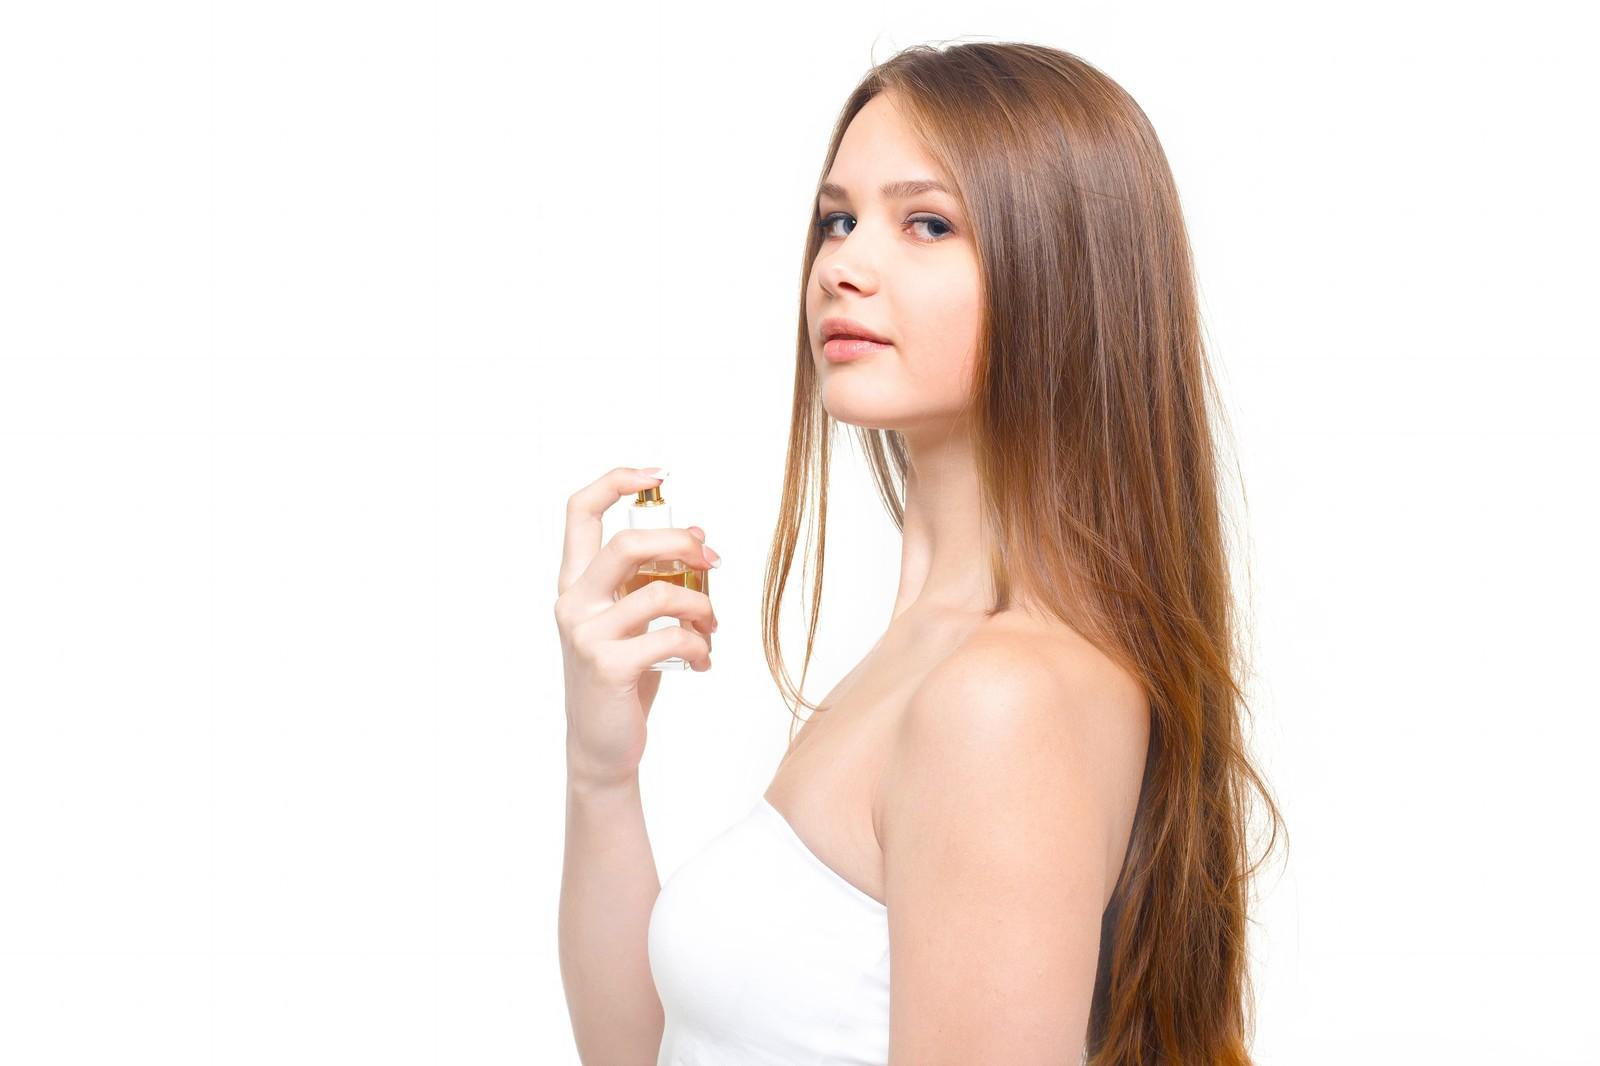 香り付き洗濯洗剤のにおいが巻き起こす「香害」の実態